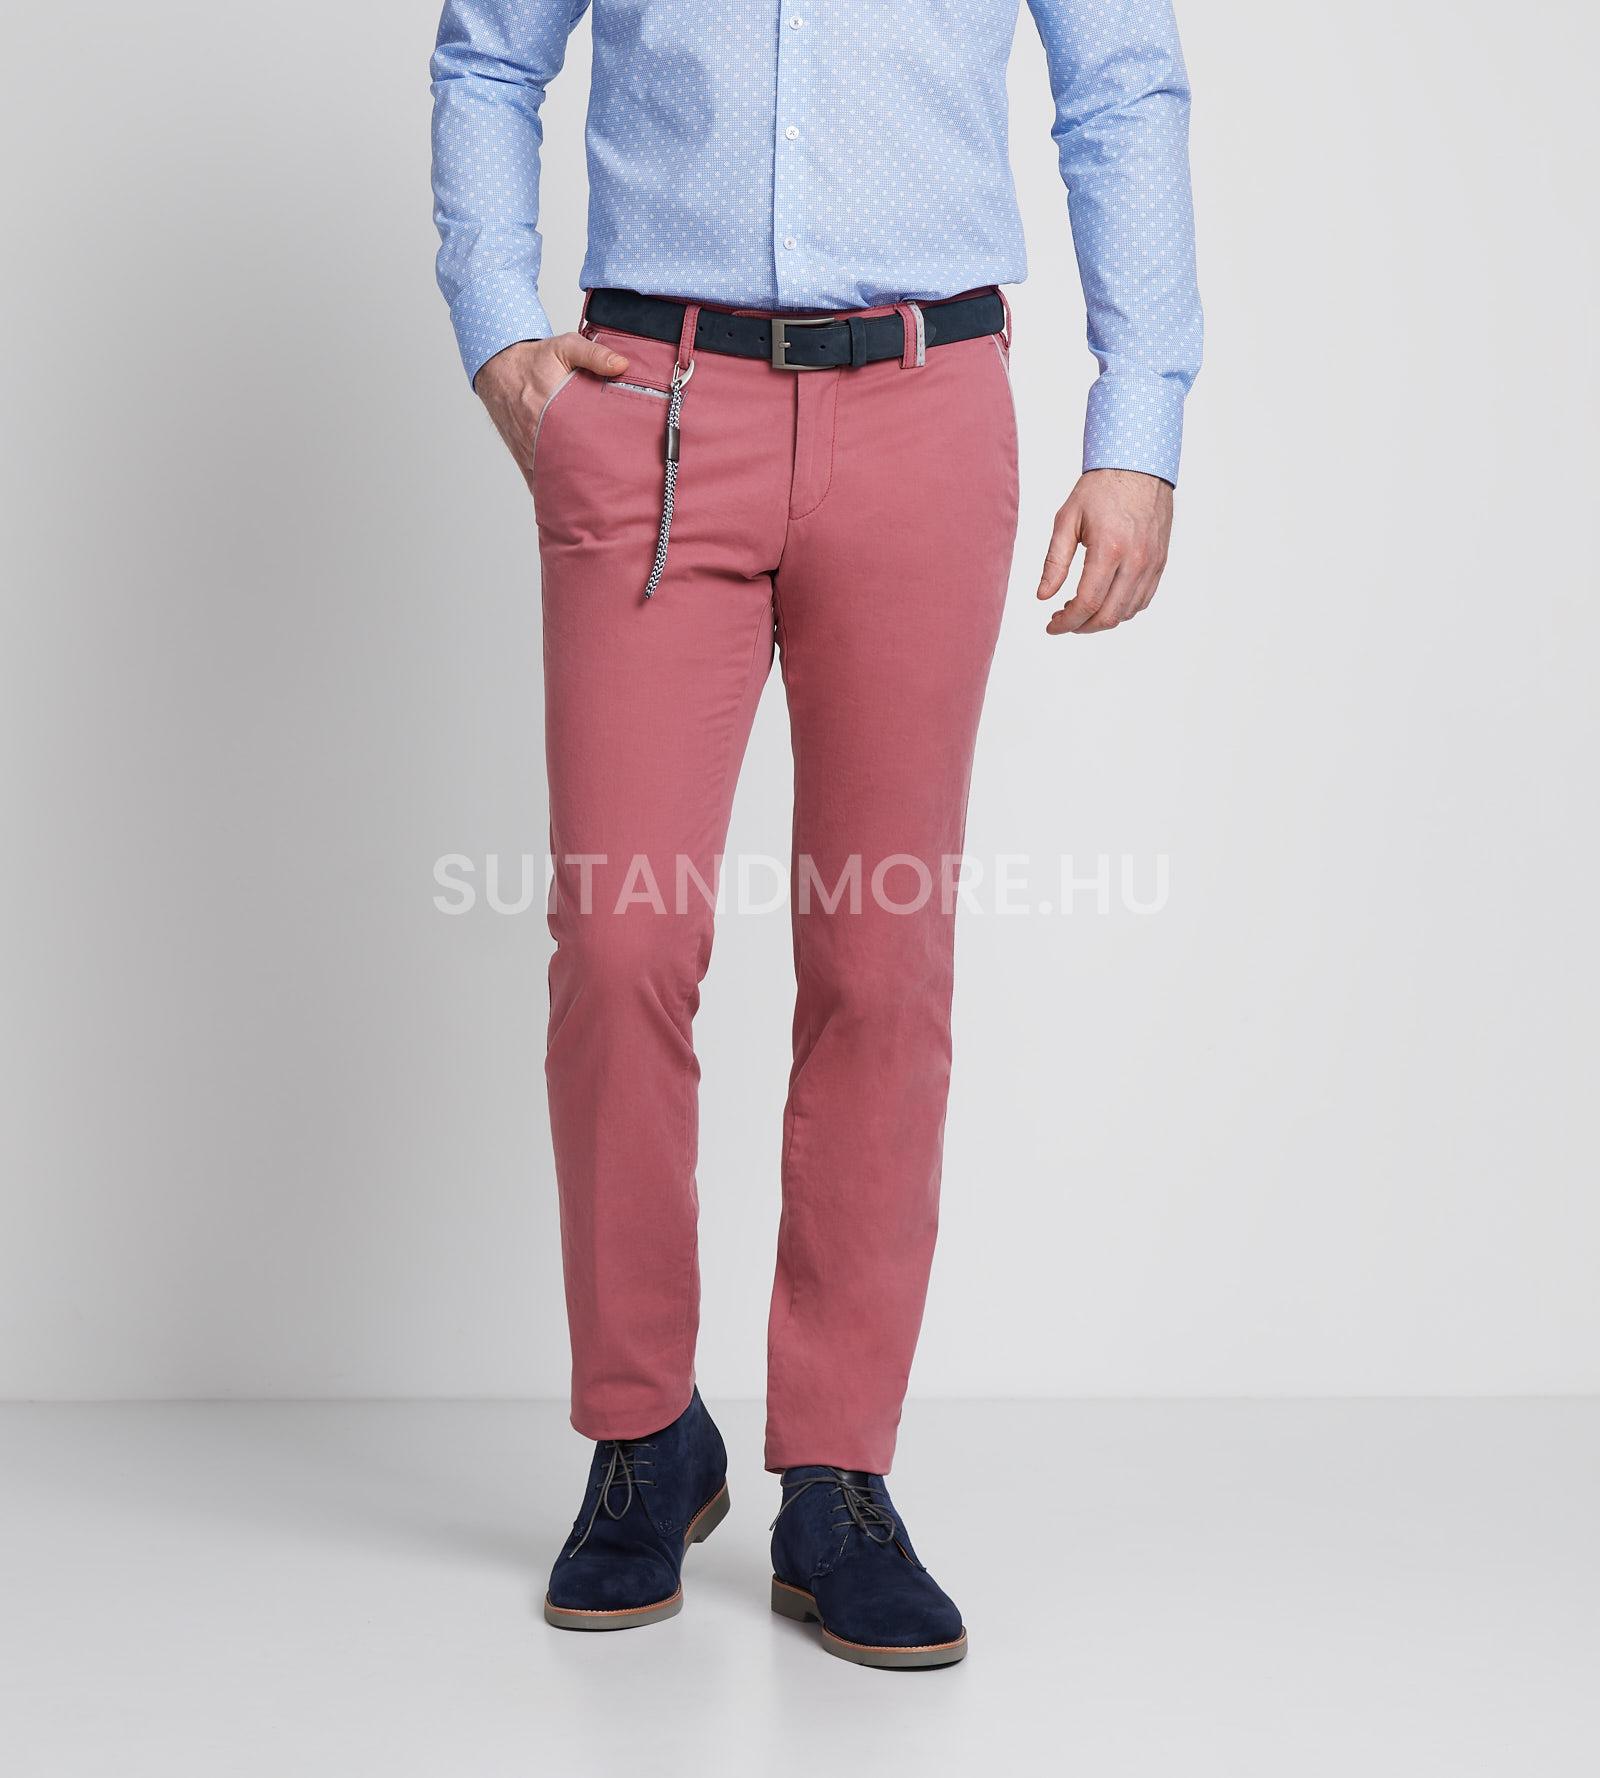 digel-piros-modern-fit-pamut-sztreccs-chino-nadrag-logan-f-88164-65